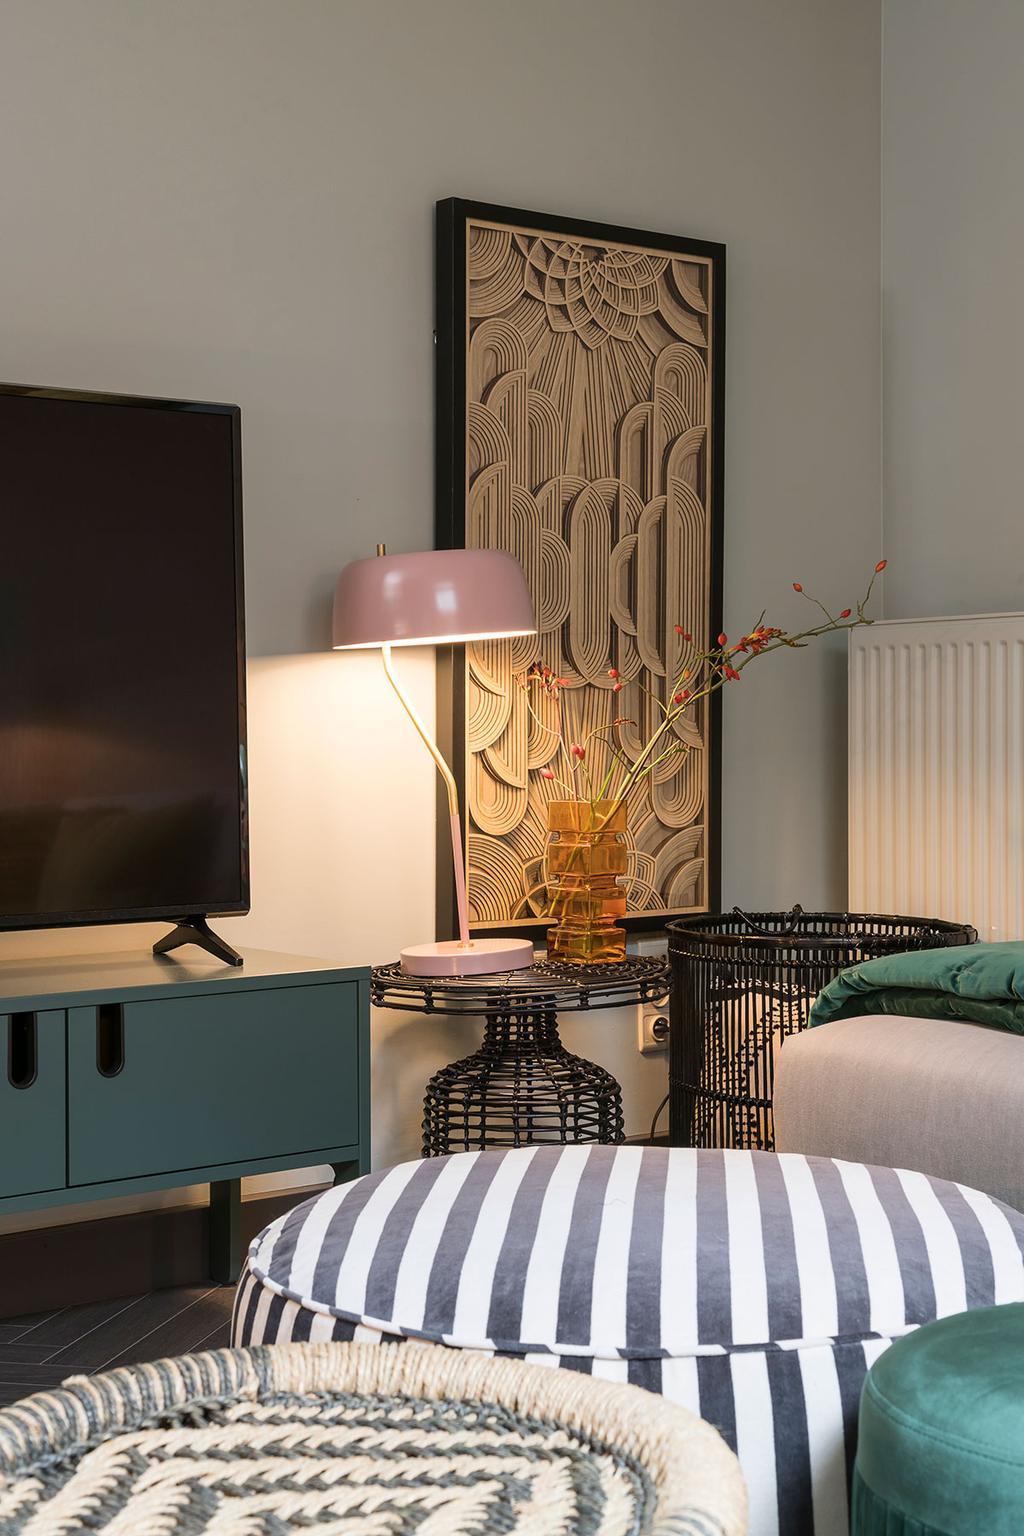 De woonkamer met poefs van Hanne uit de zevende aflevering van het tweede seizoen van Een frisse start met vtwonen.